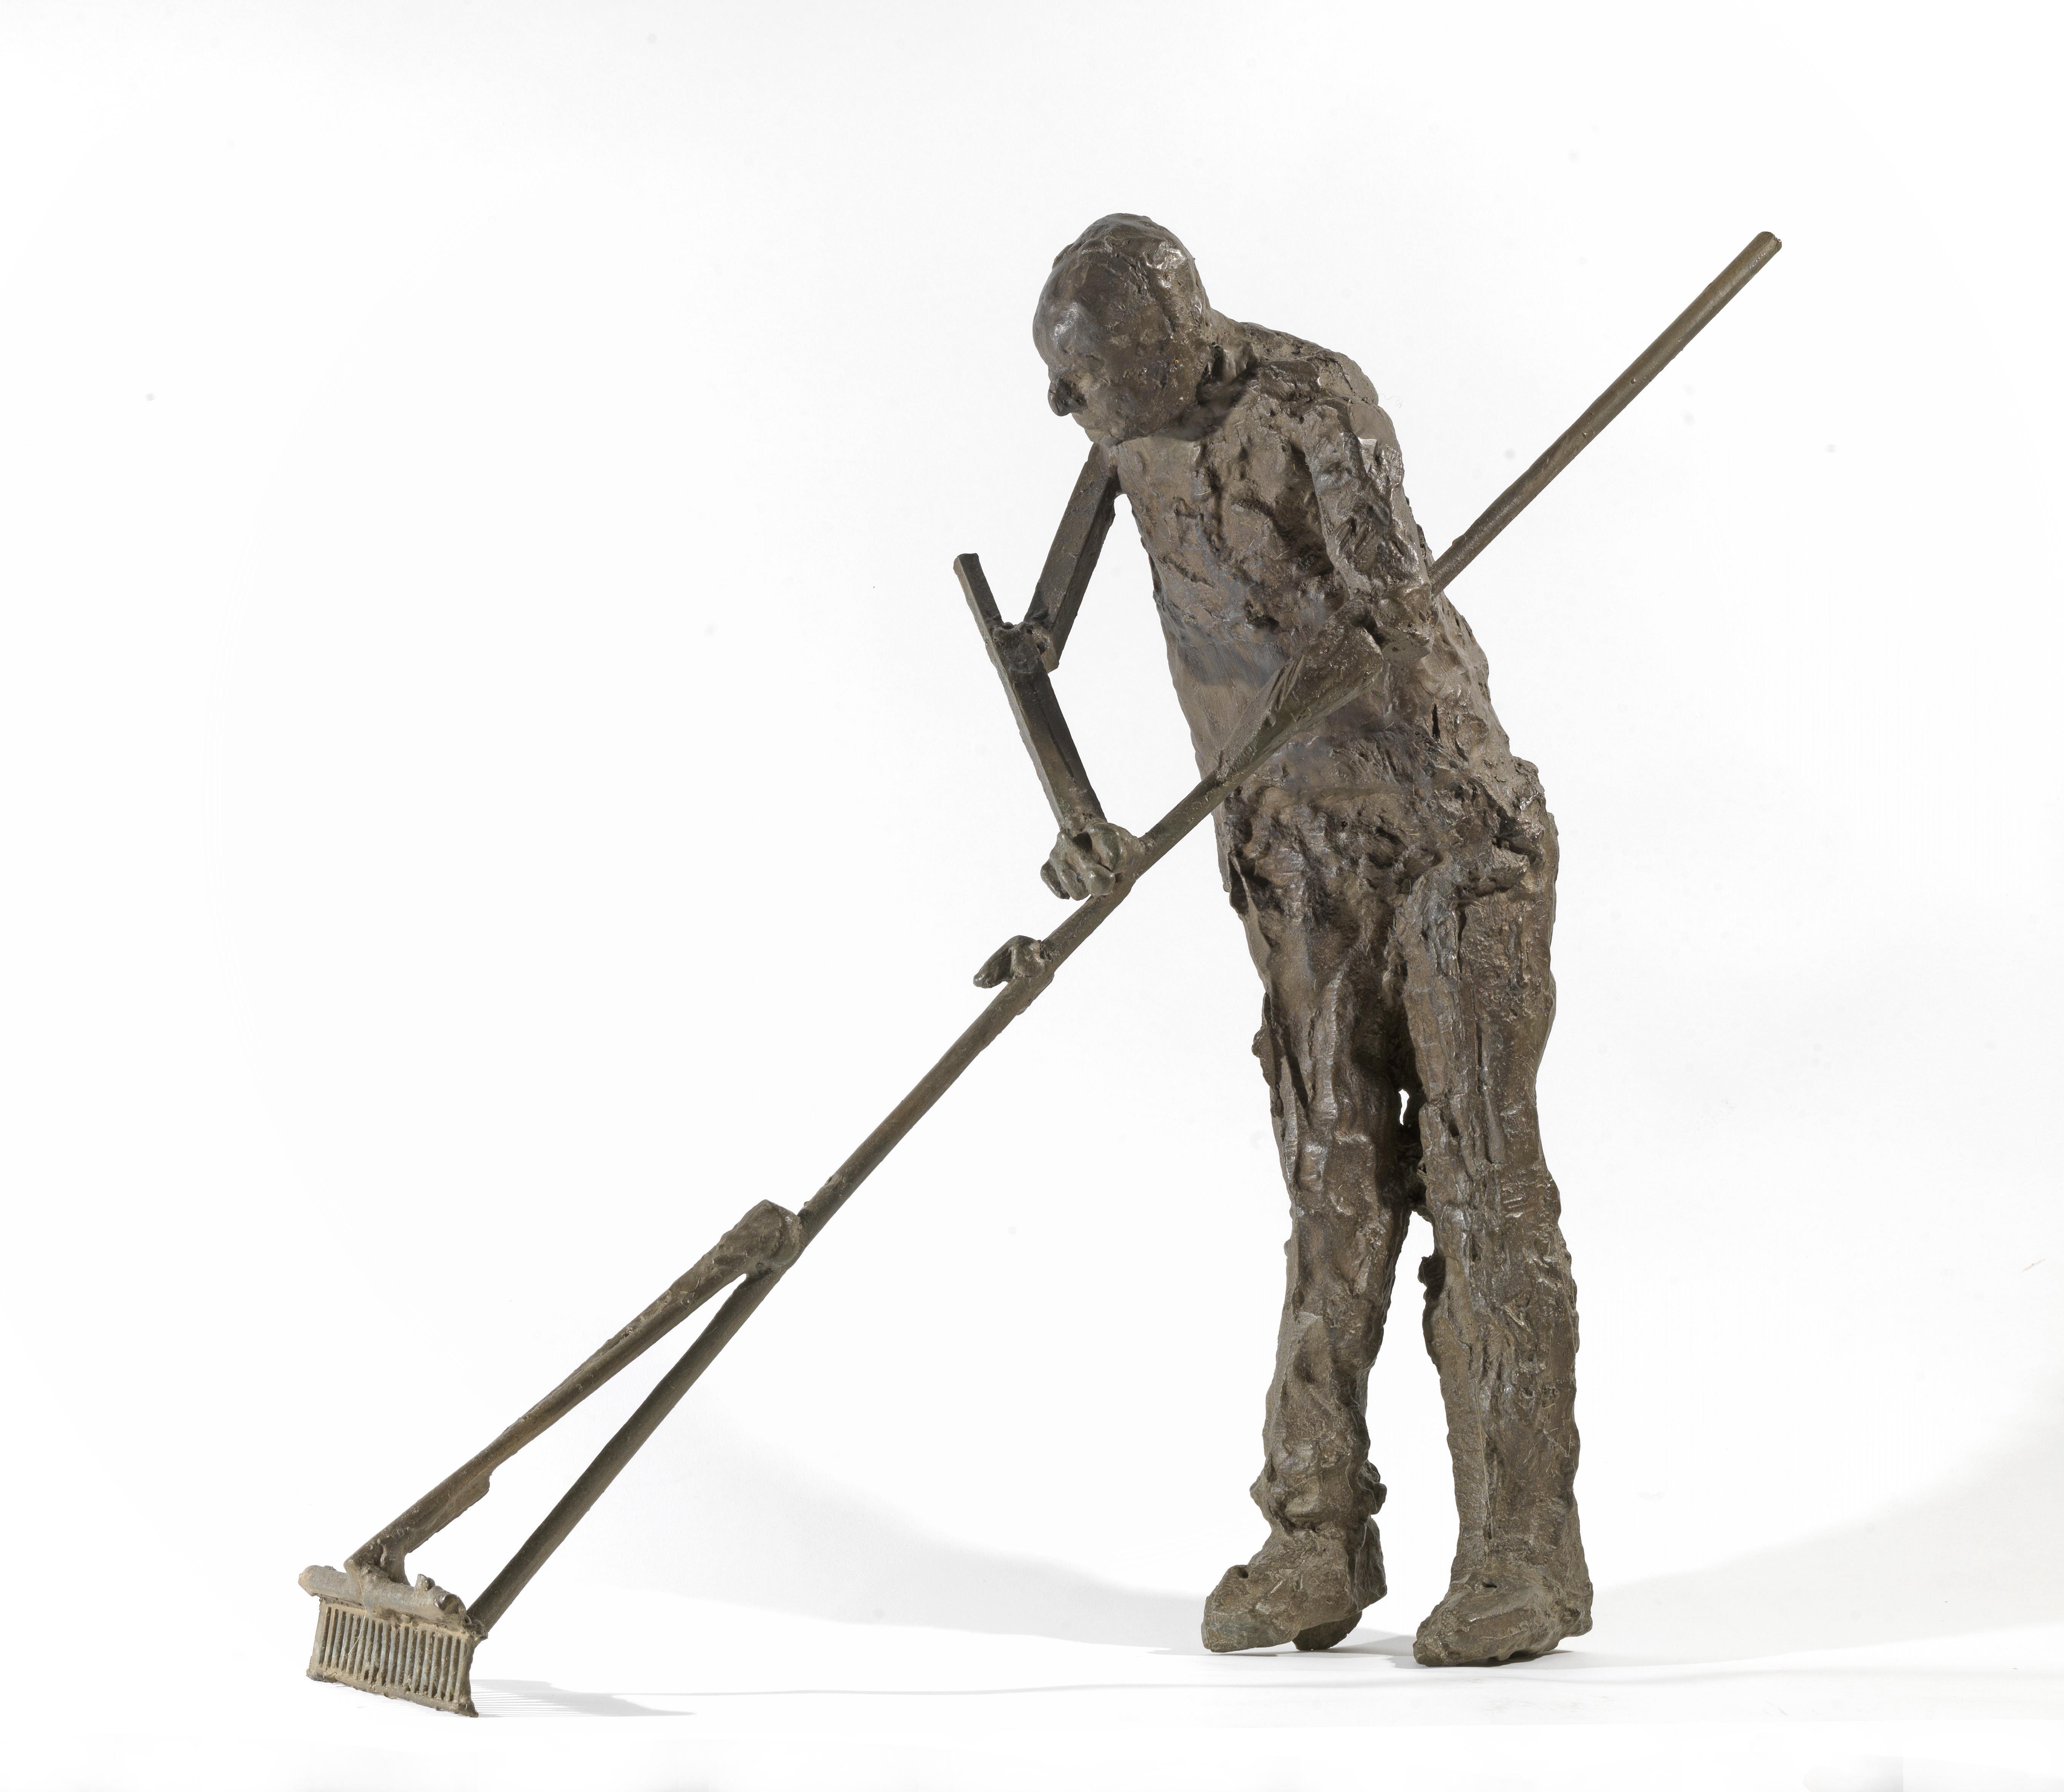 Κηπουρός στο Ταβάνι, Μπρούντζος, 57x58x22, 2015